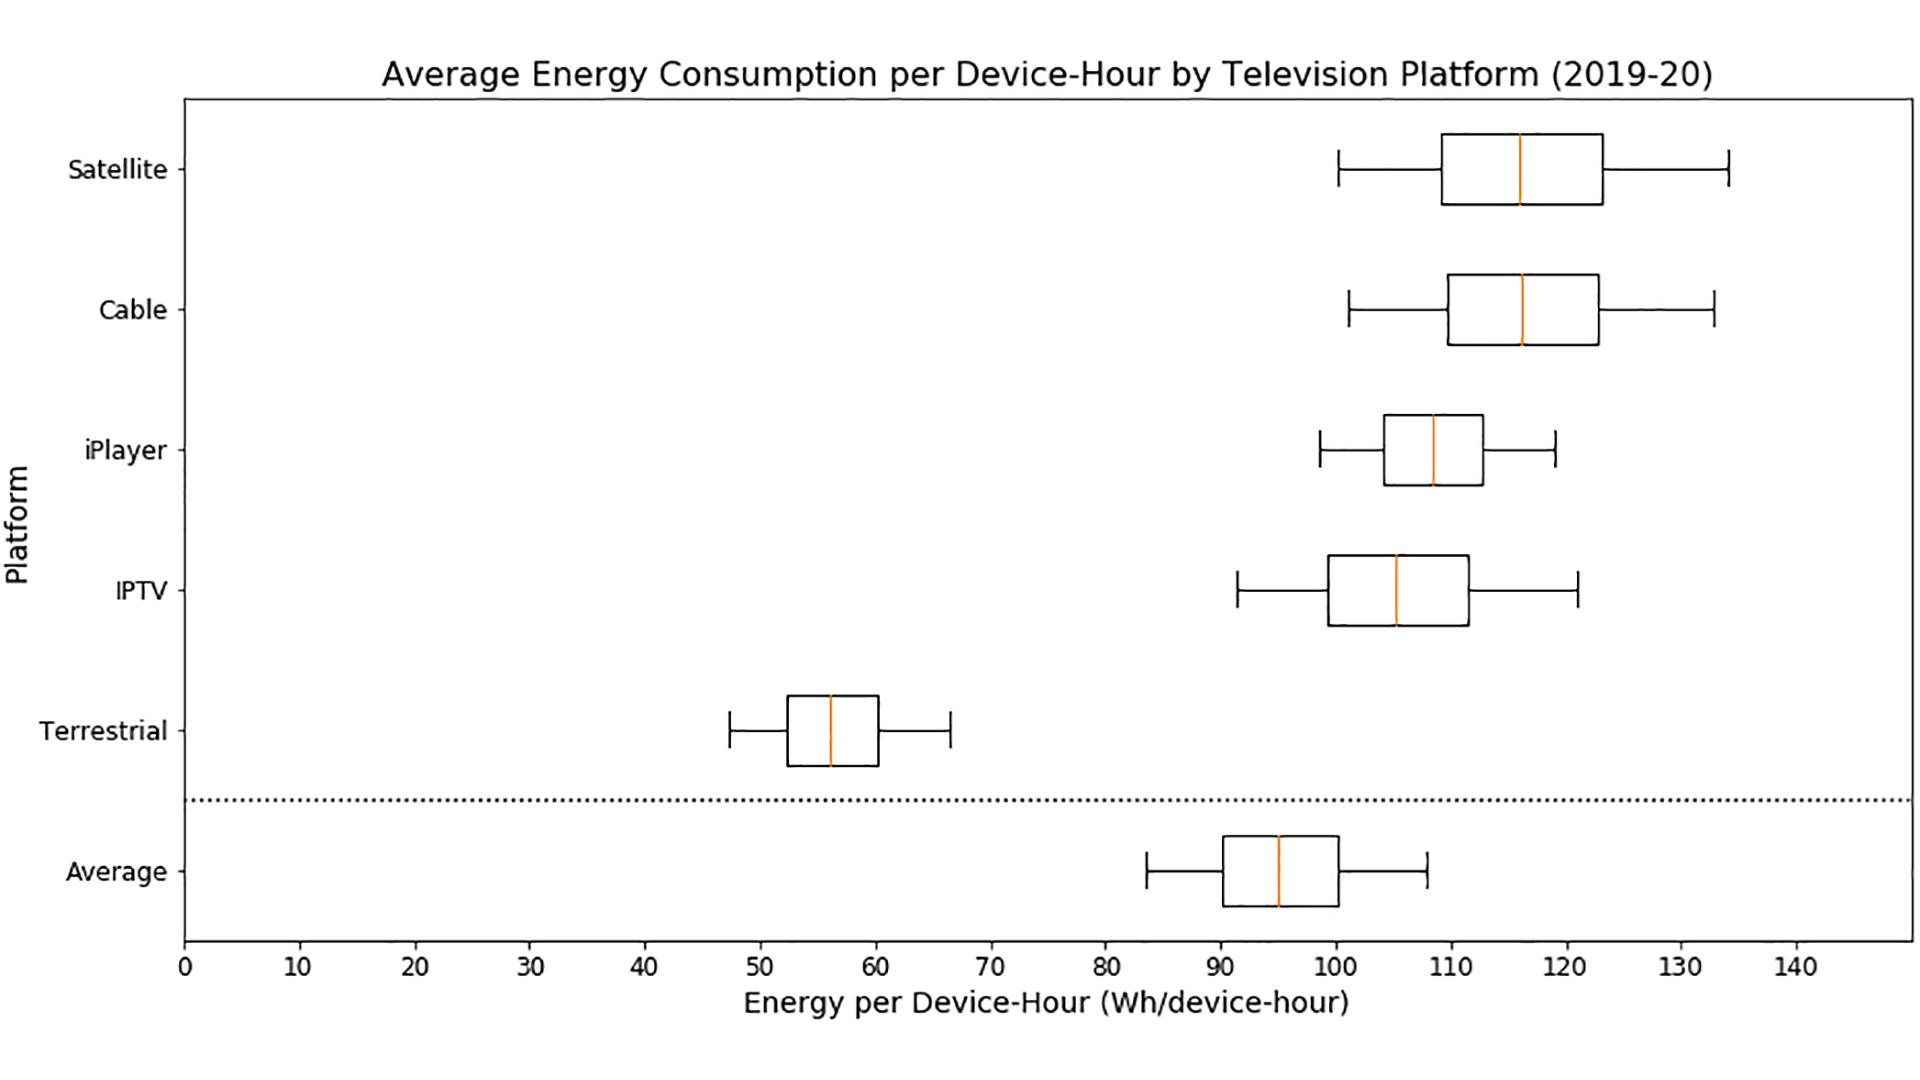 2a - TV. Studio BBC: ricezione satellitare la più energivora. Meno CO₂ con DTT e soprattutto IP Tv